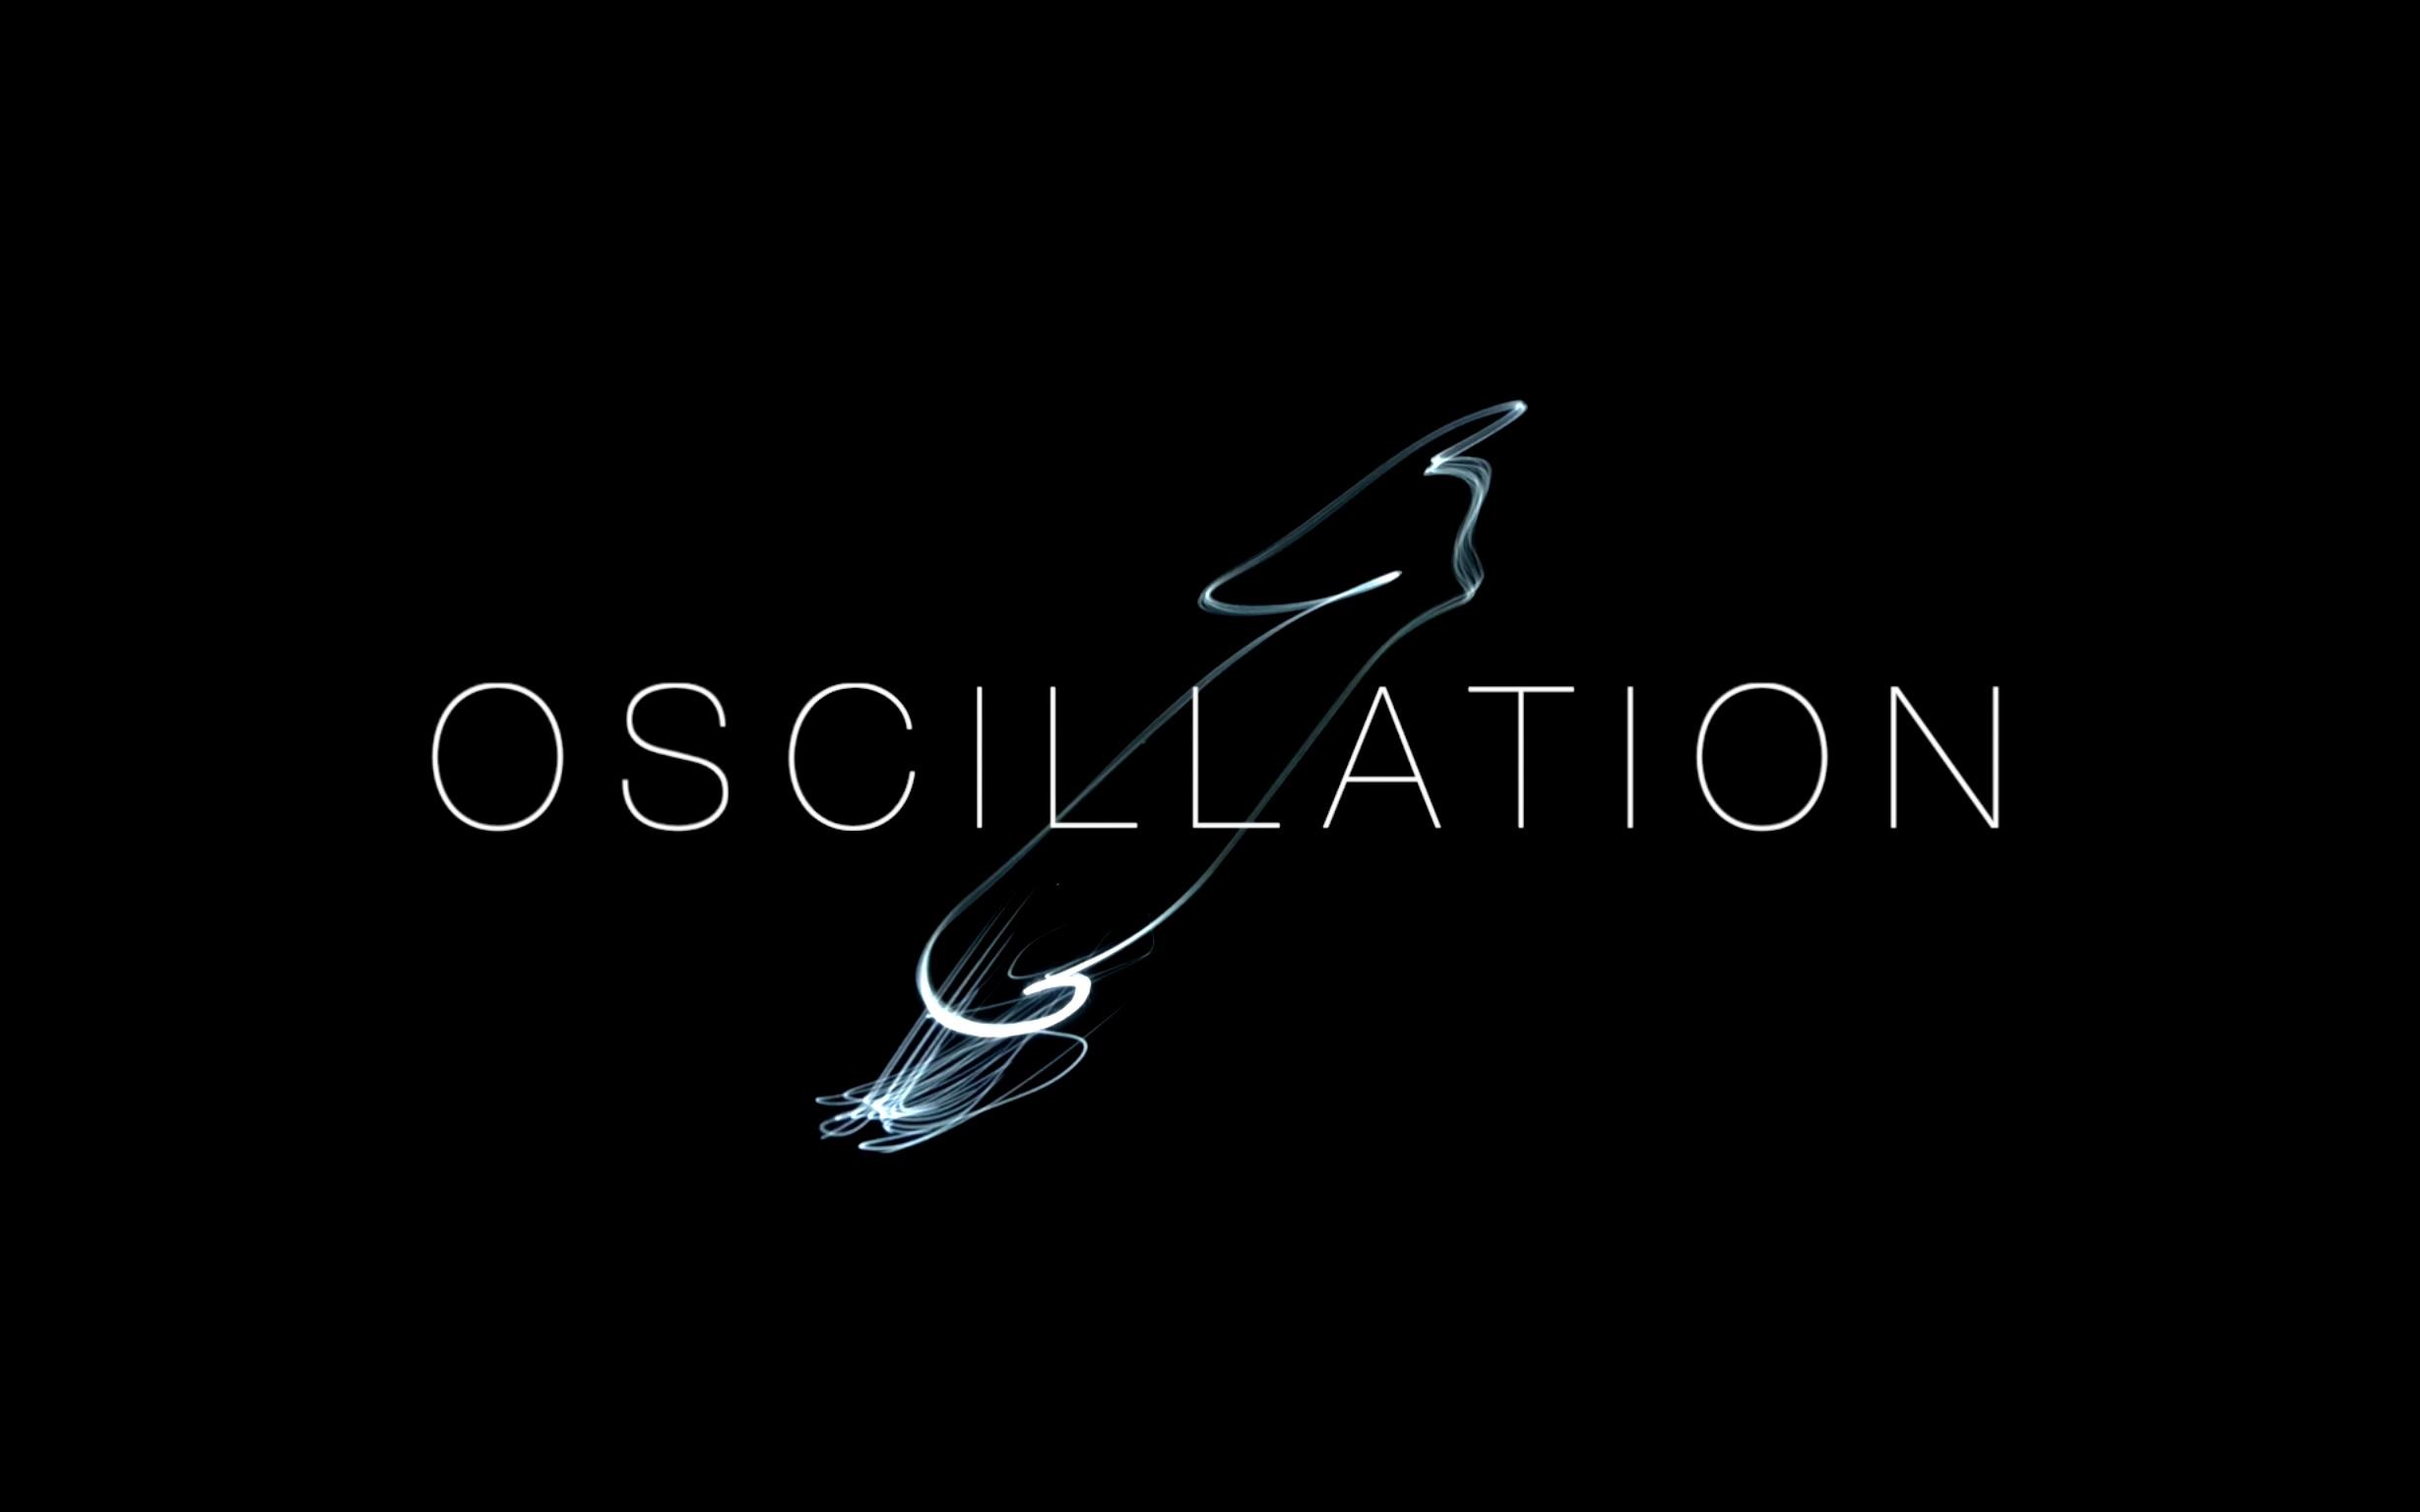 吸血鬼日记4下载mp4_oscillation-实验艺术短片 | oscillation — 声音可视化-爱哔哩(B站视频 ...